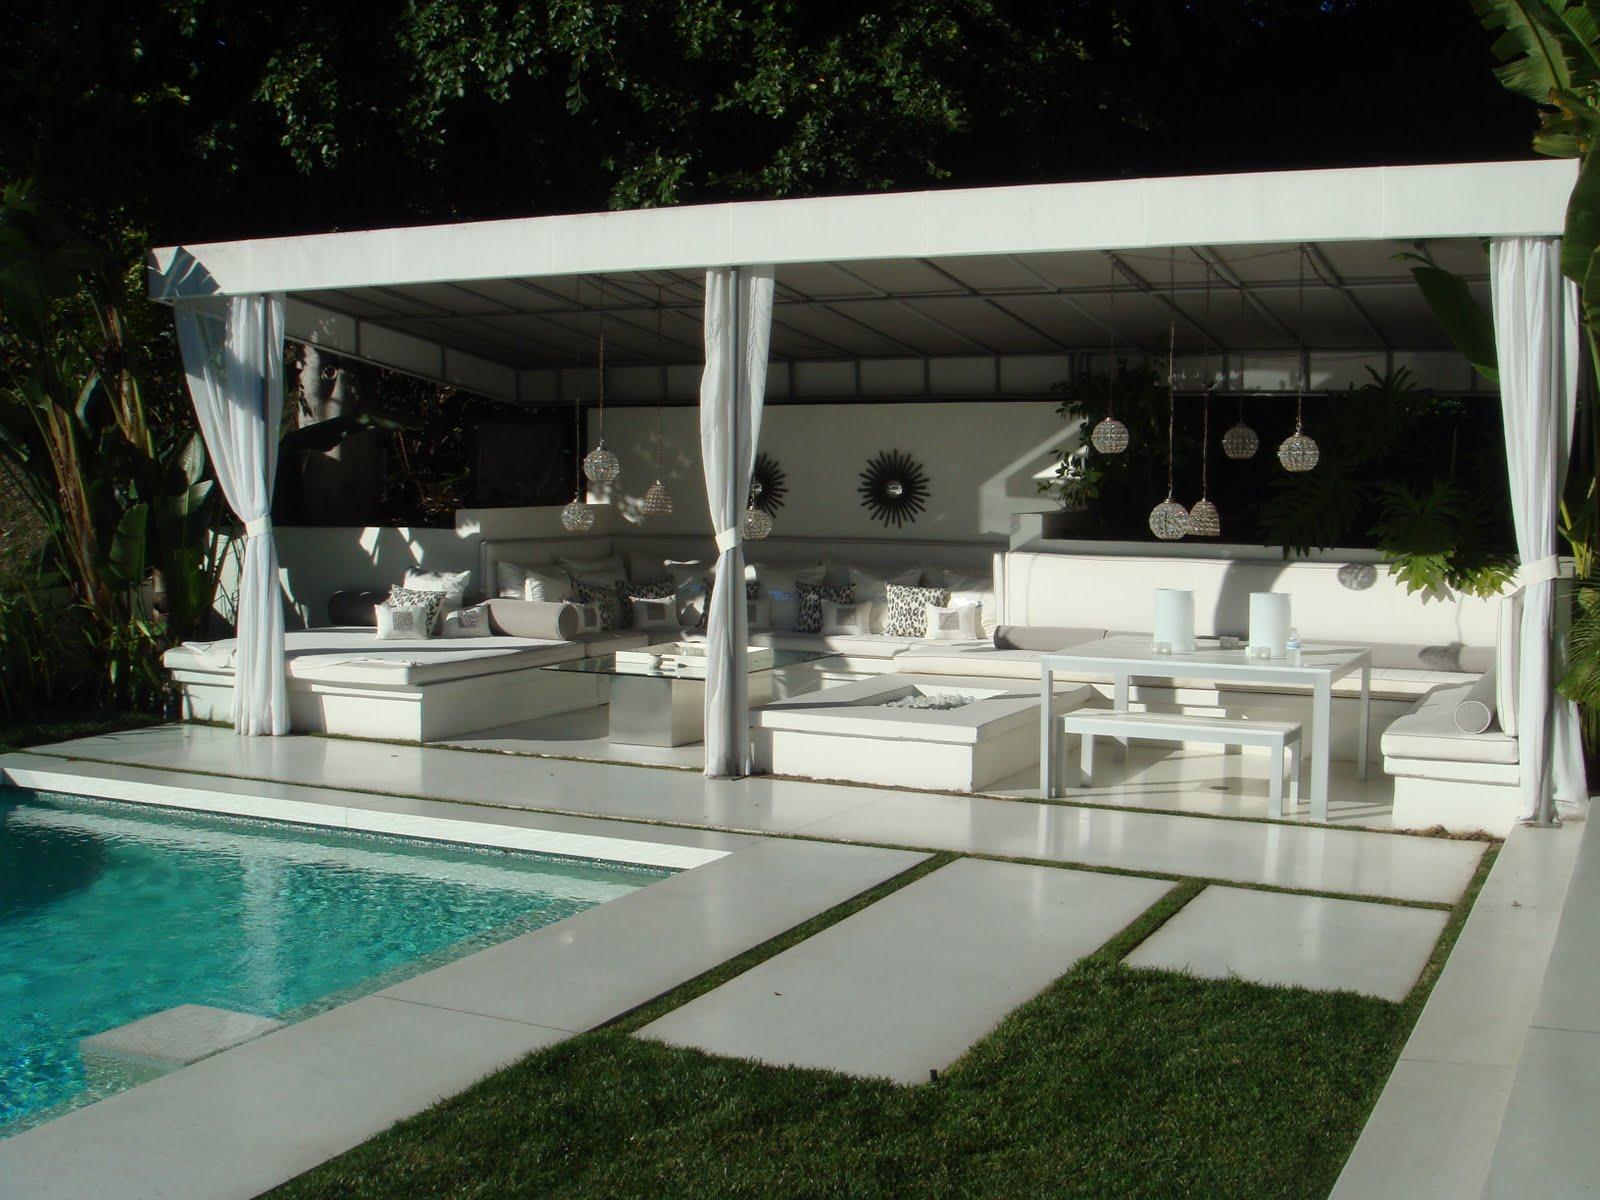 Susan spindler designs cabana fun for Cabana designs